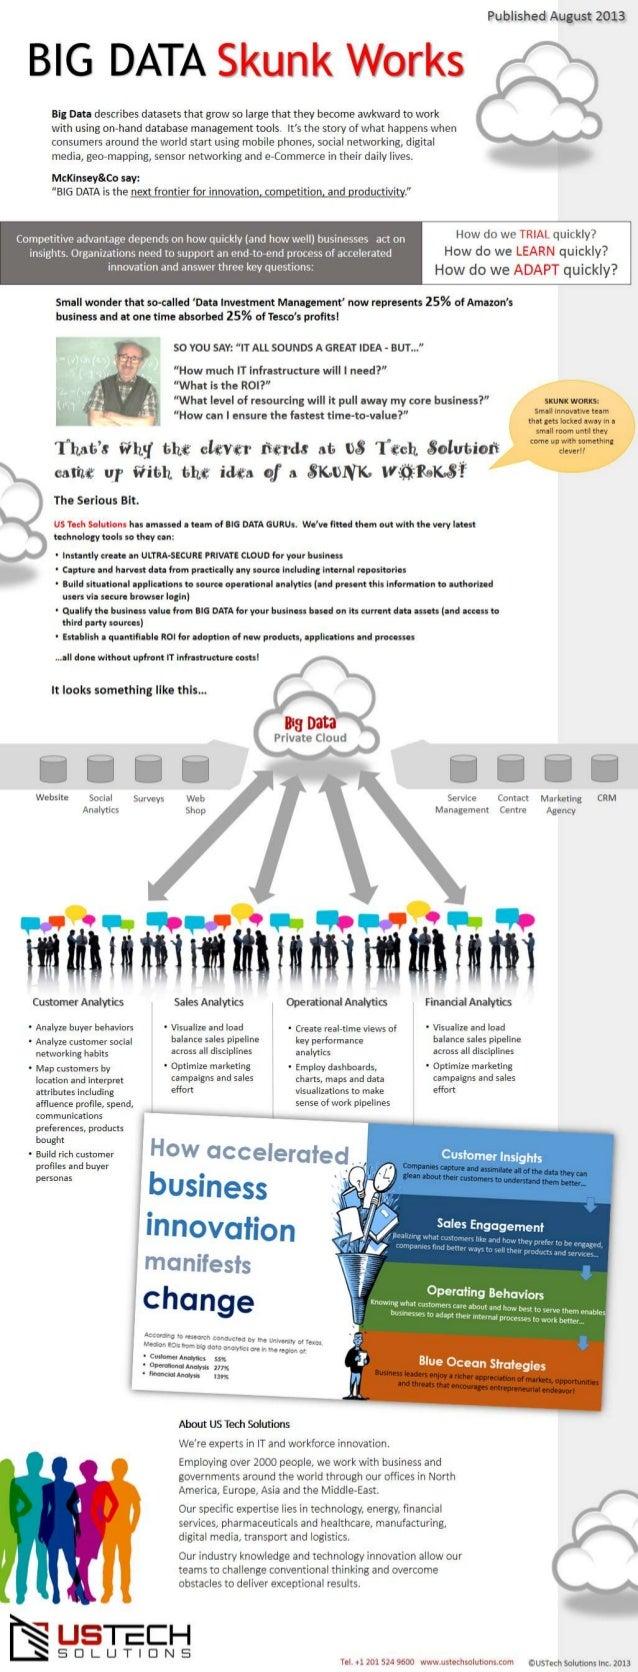 BIG DATA Skunk Works Service Outline (Infographic)